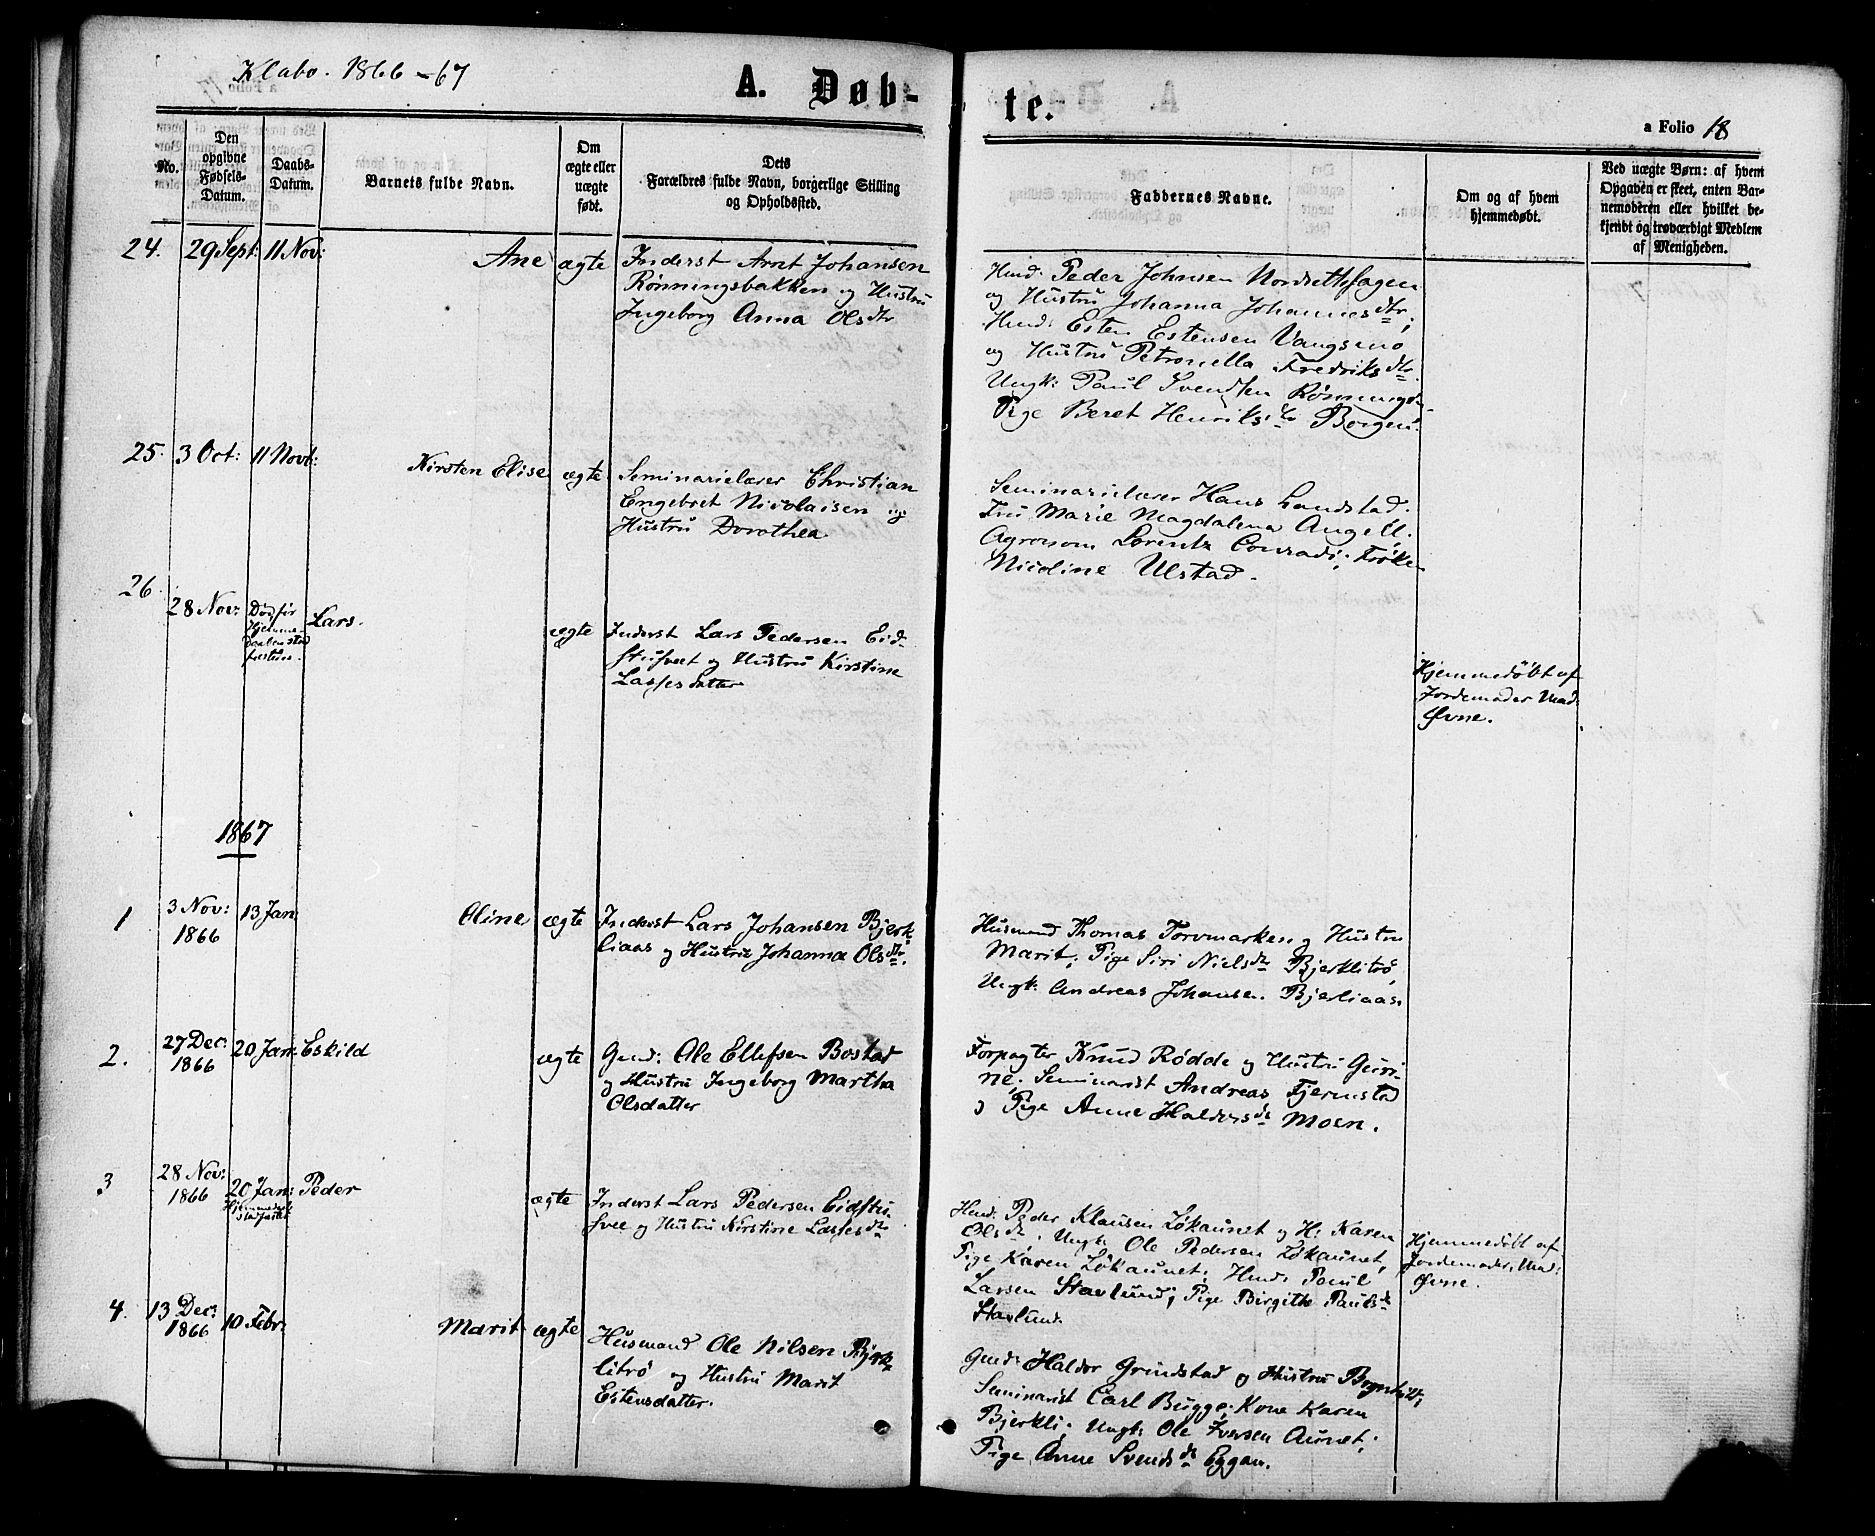 SAT, Ministerialprotokoller, klokkerbøker og fødselsregistre - Sør-Trøndelag, 618/L0442: Ministerialbok nr. 618A06 /1, 1863-1879, s. 18